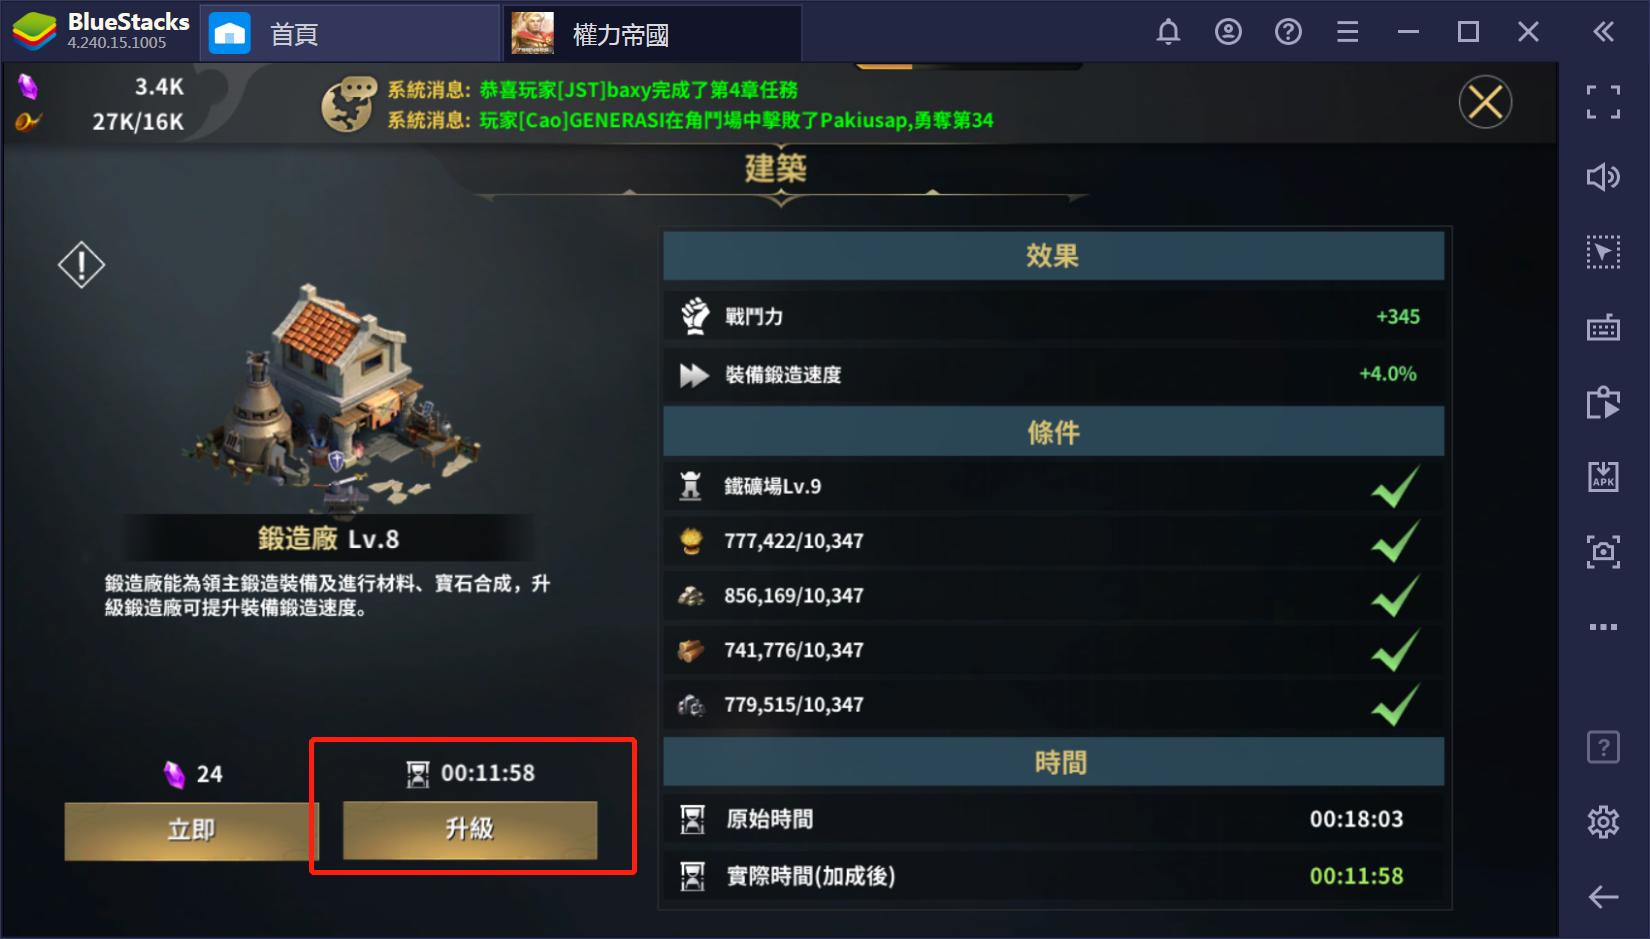 使用BlueStacks在PC上遊玩城戰策略手機遊戲《權力帝國》